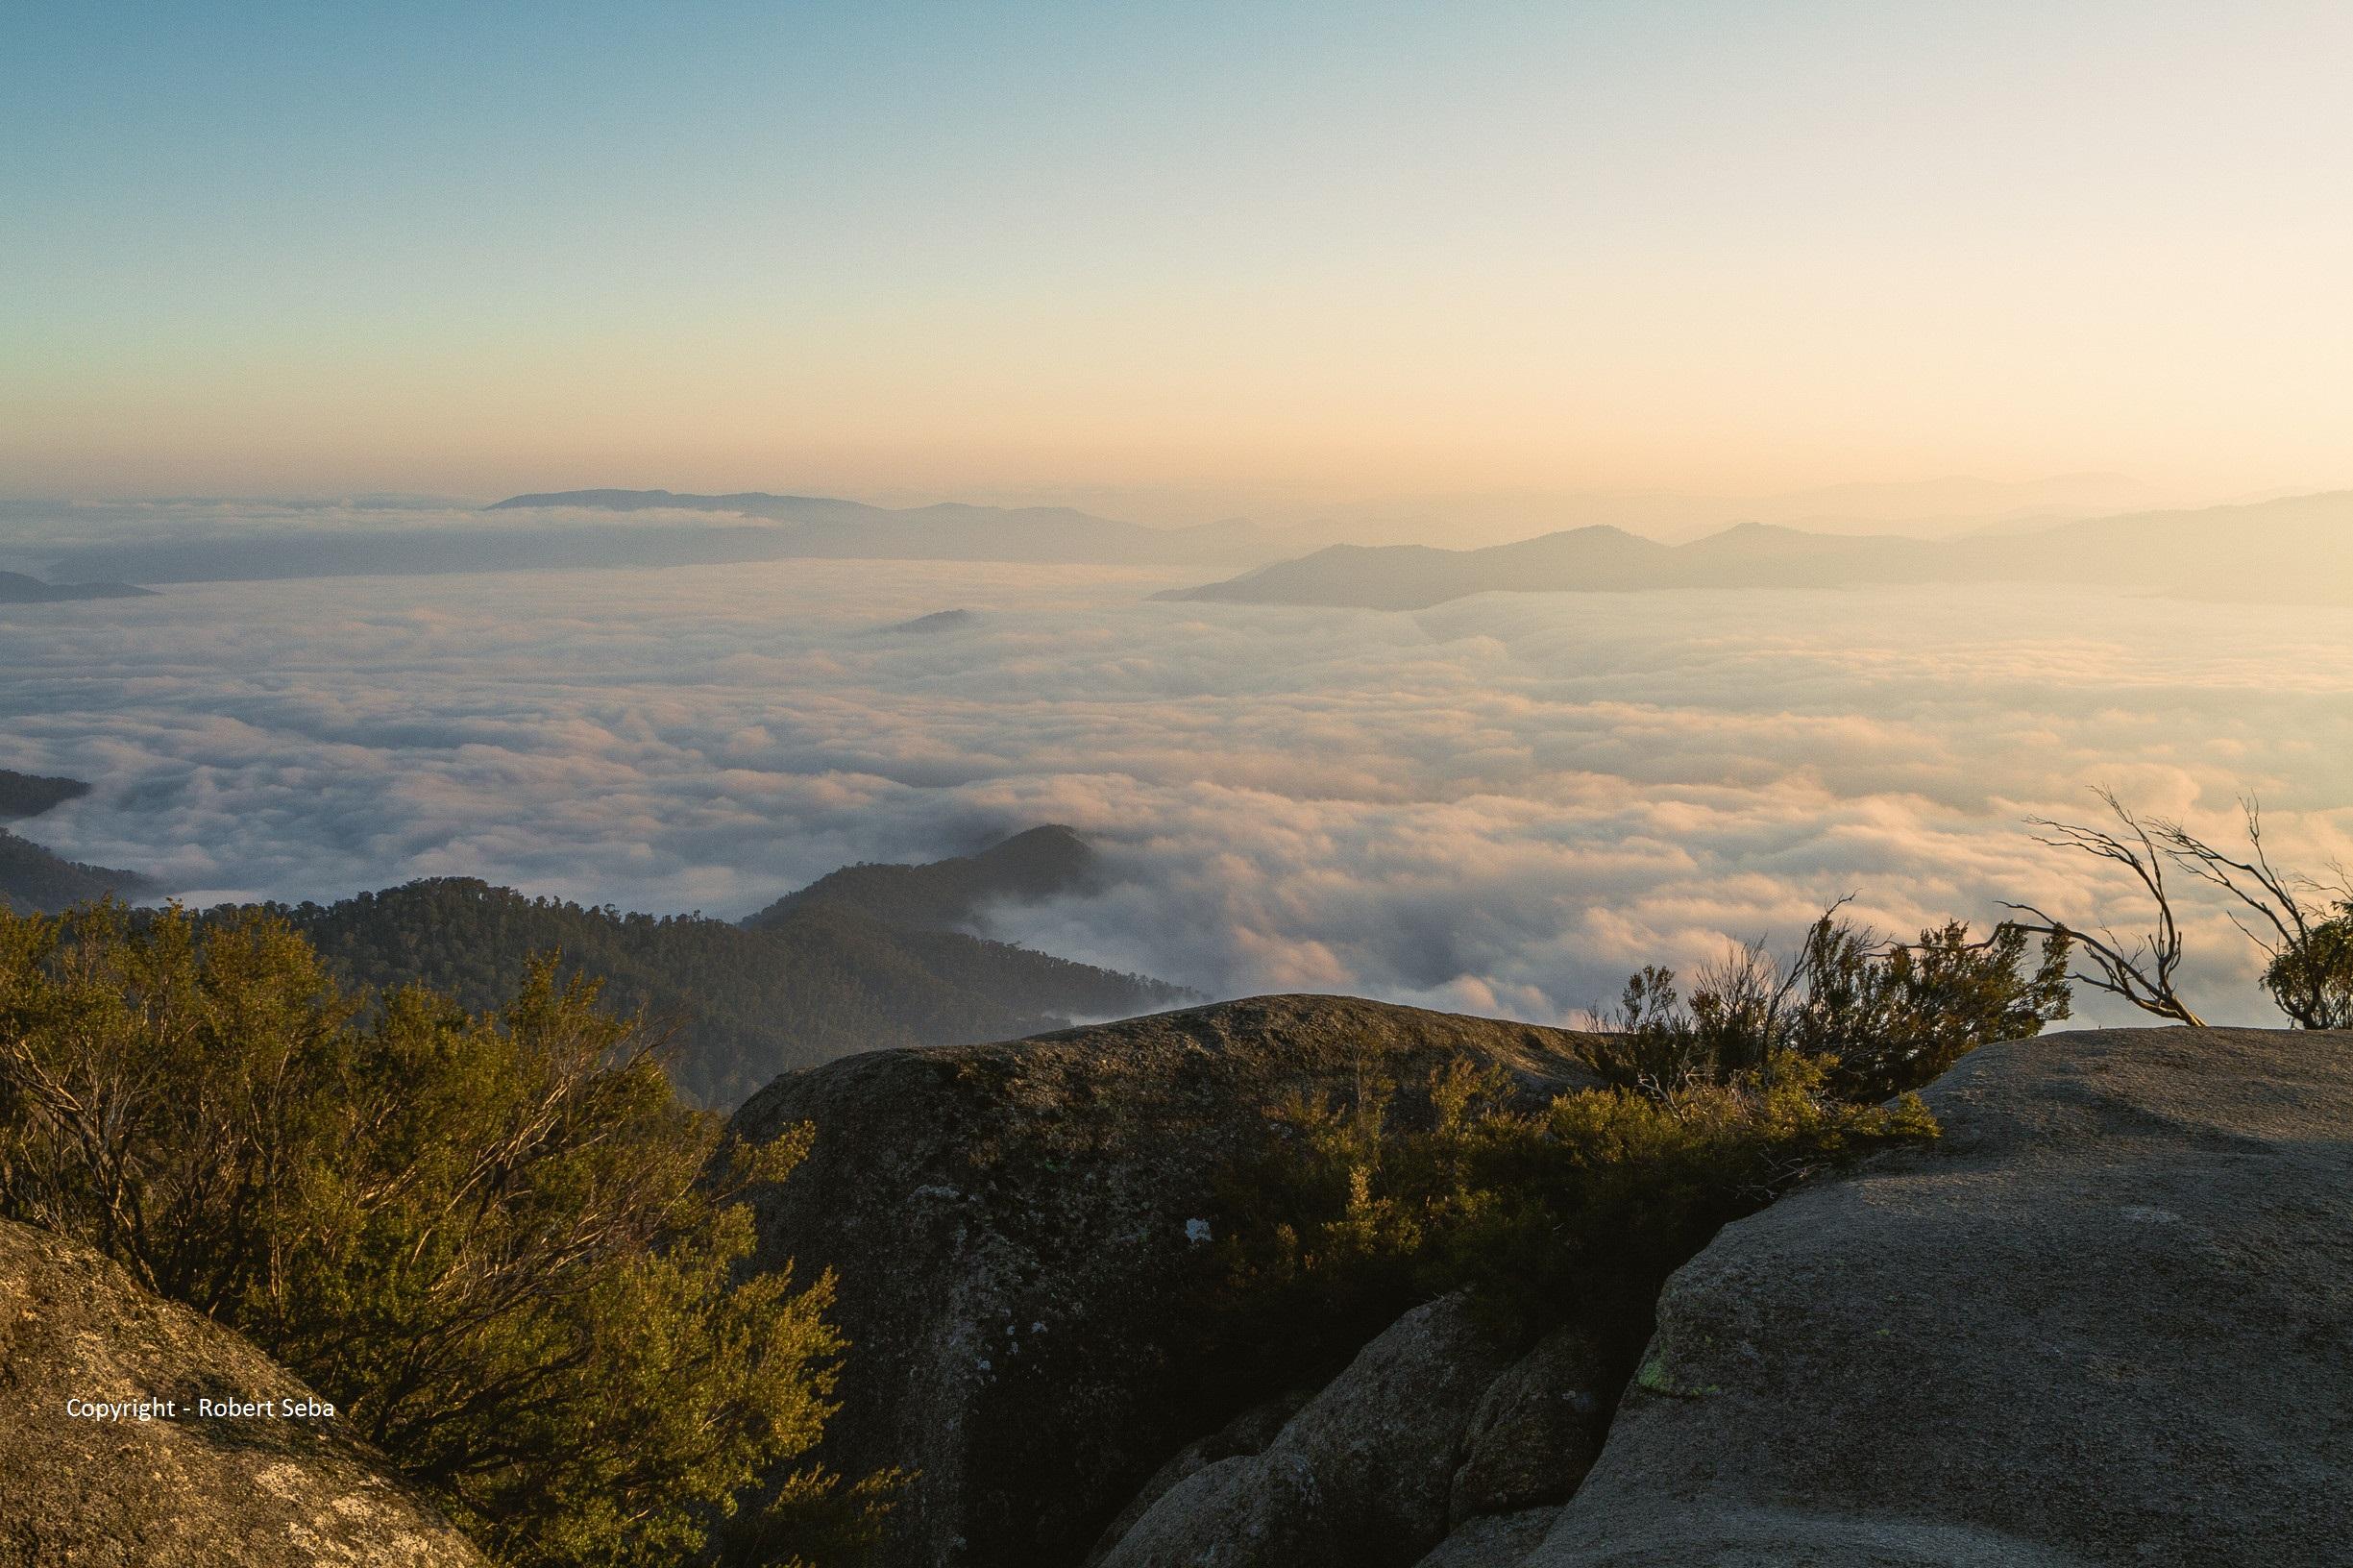 visionsofvictoria1437357-304 Robert Seba - Mount Buffalo.jpg